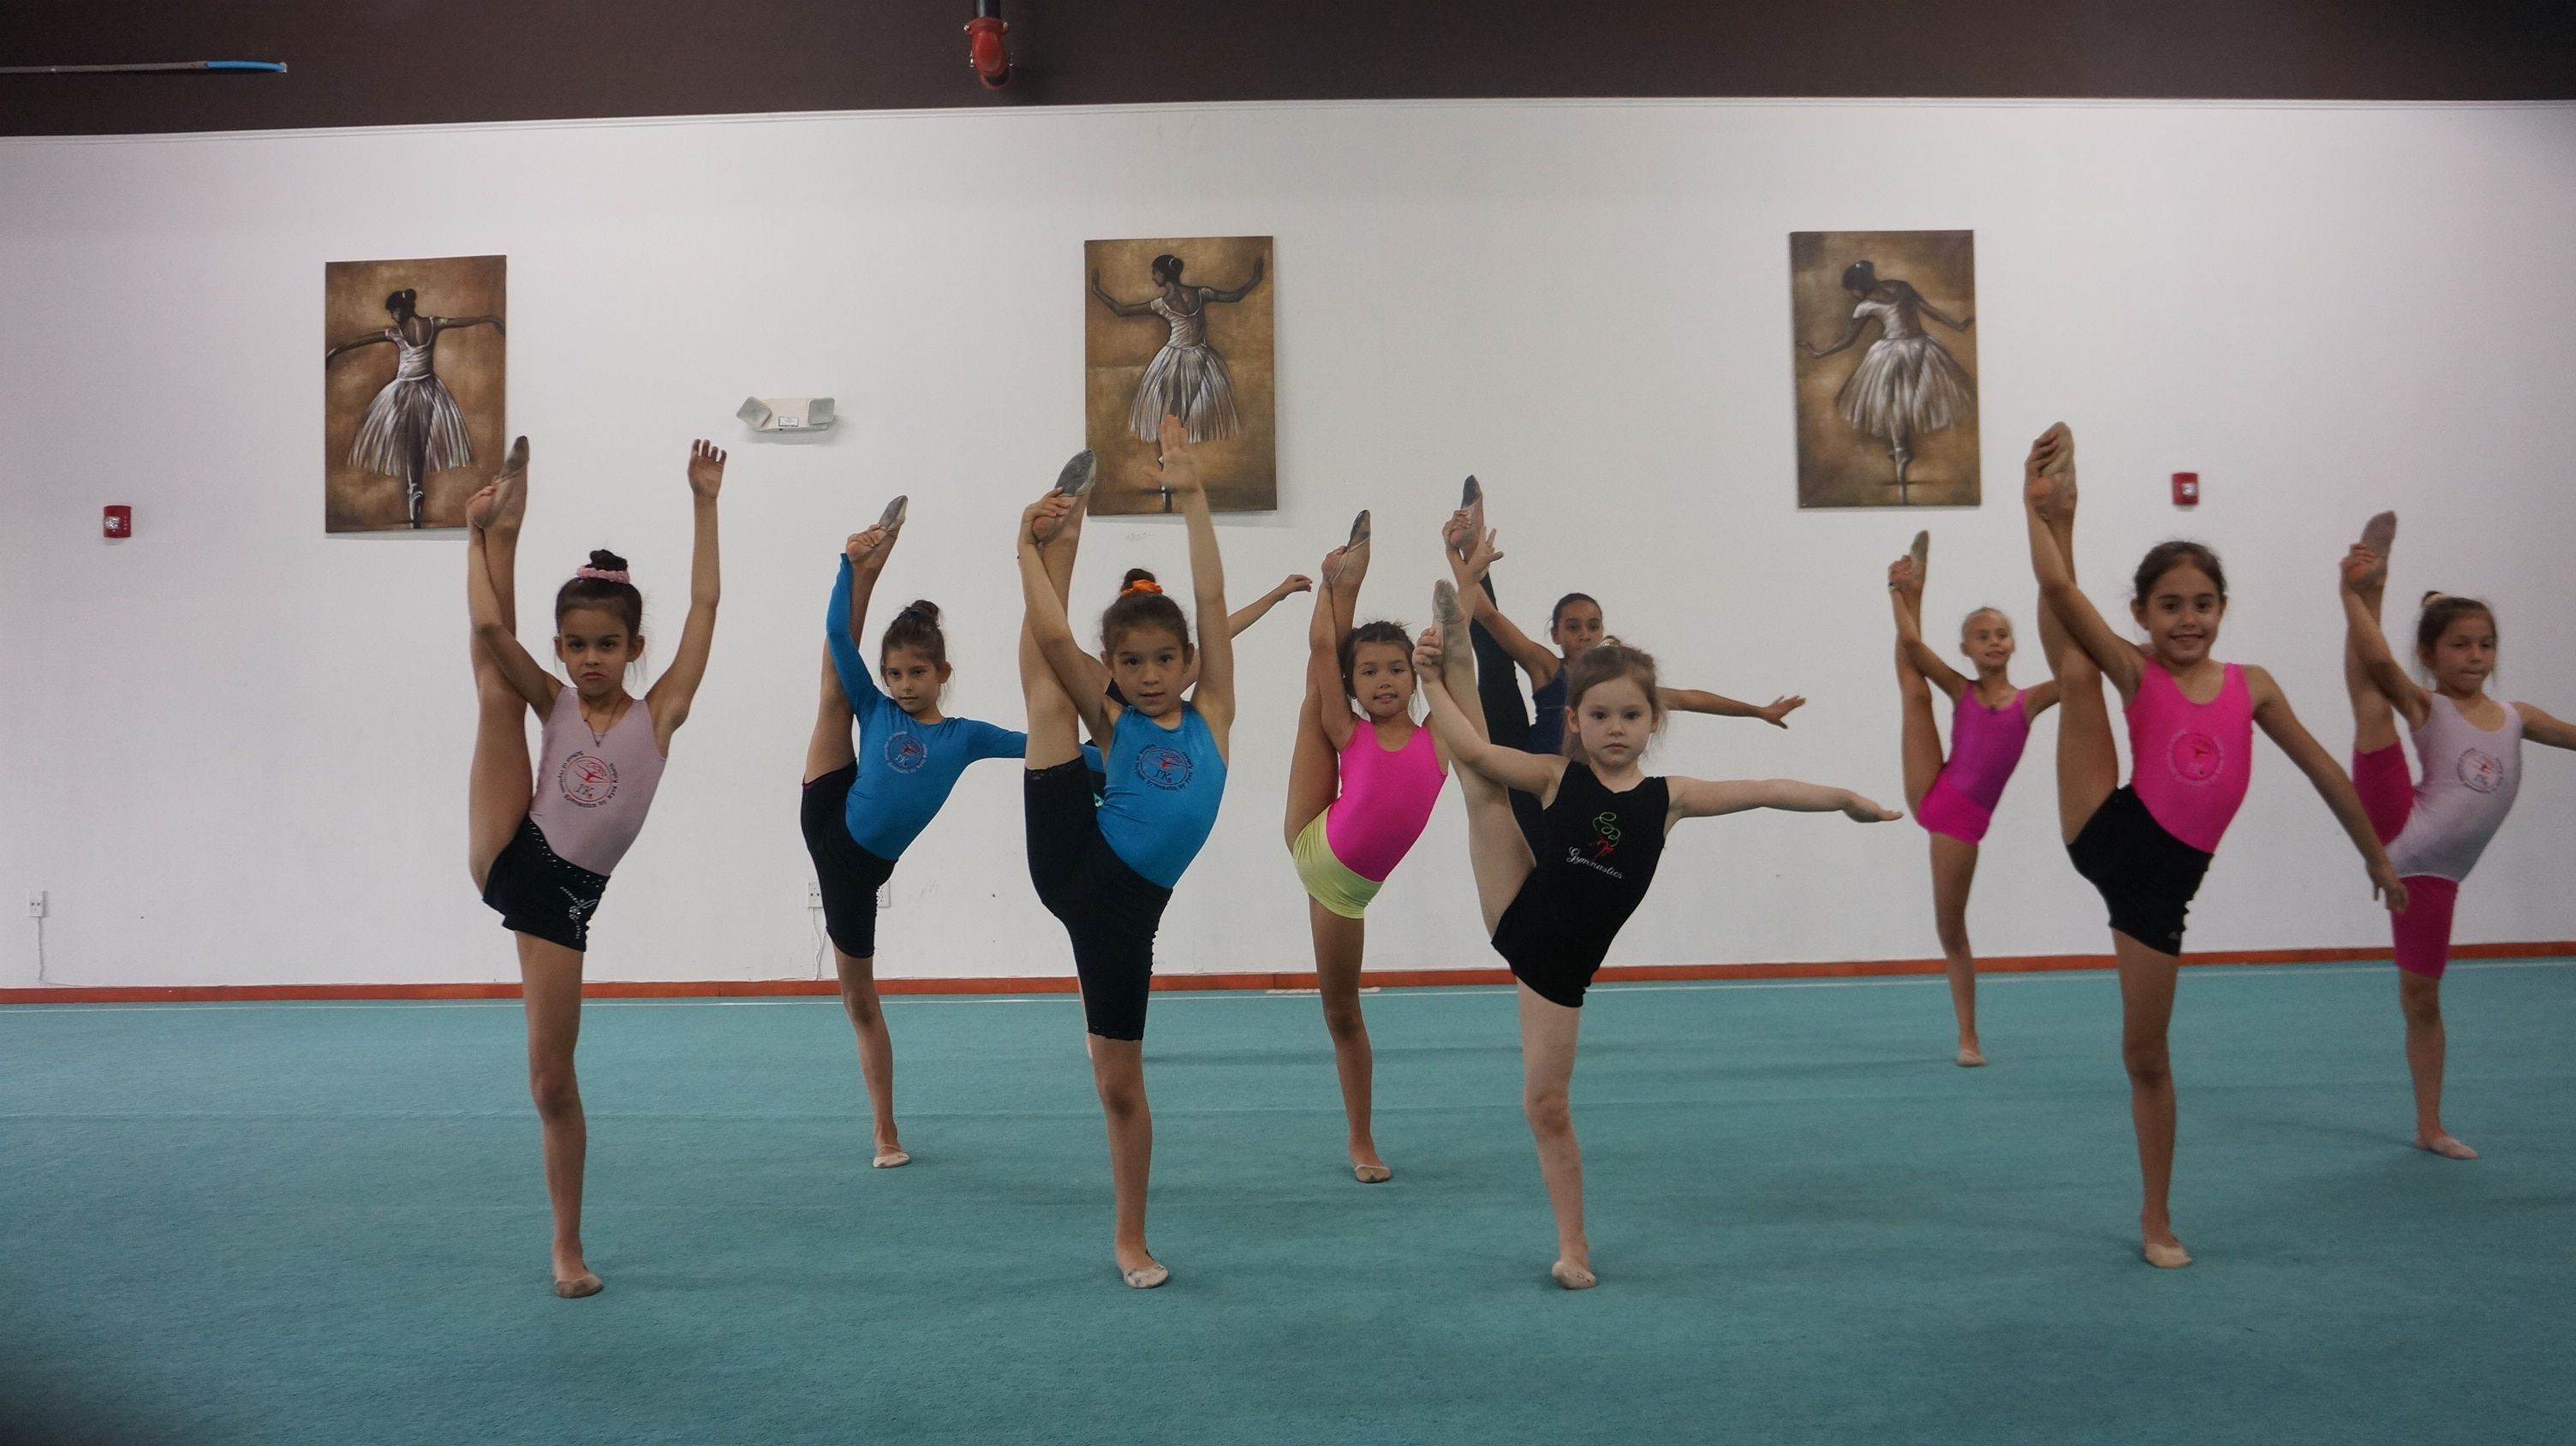 Gymnastics miami ik school of gymnastics in miami